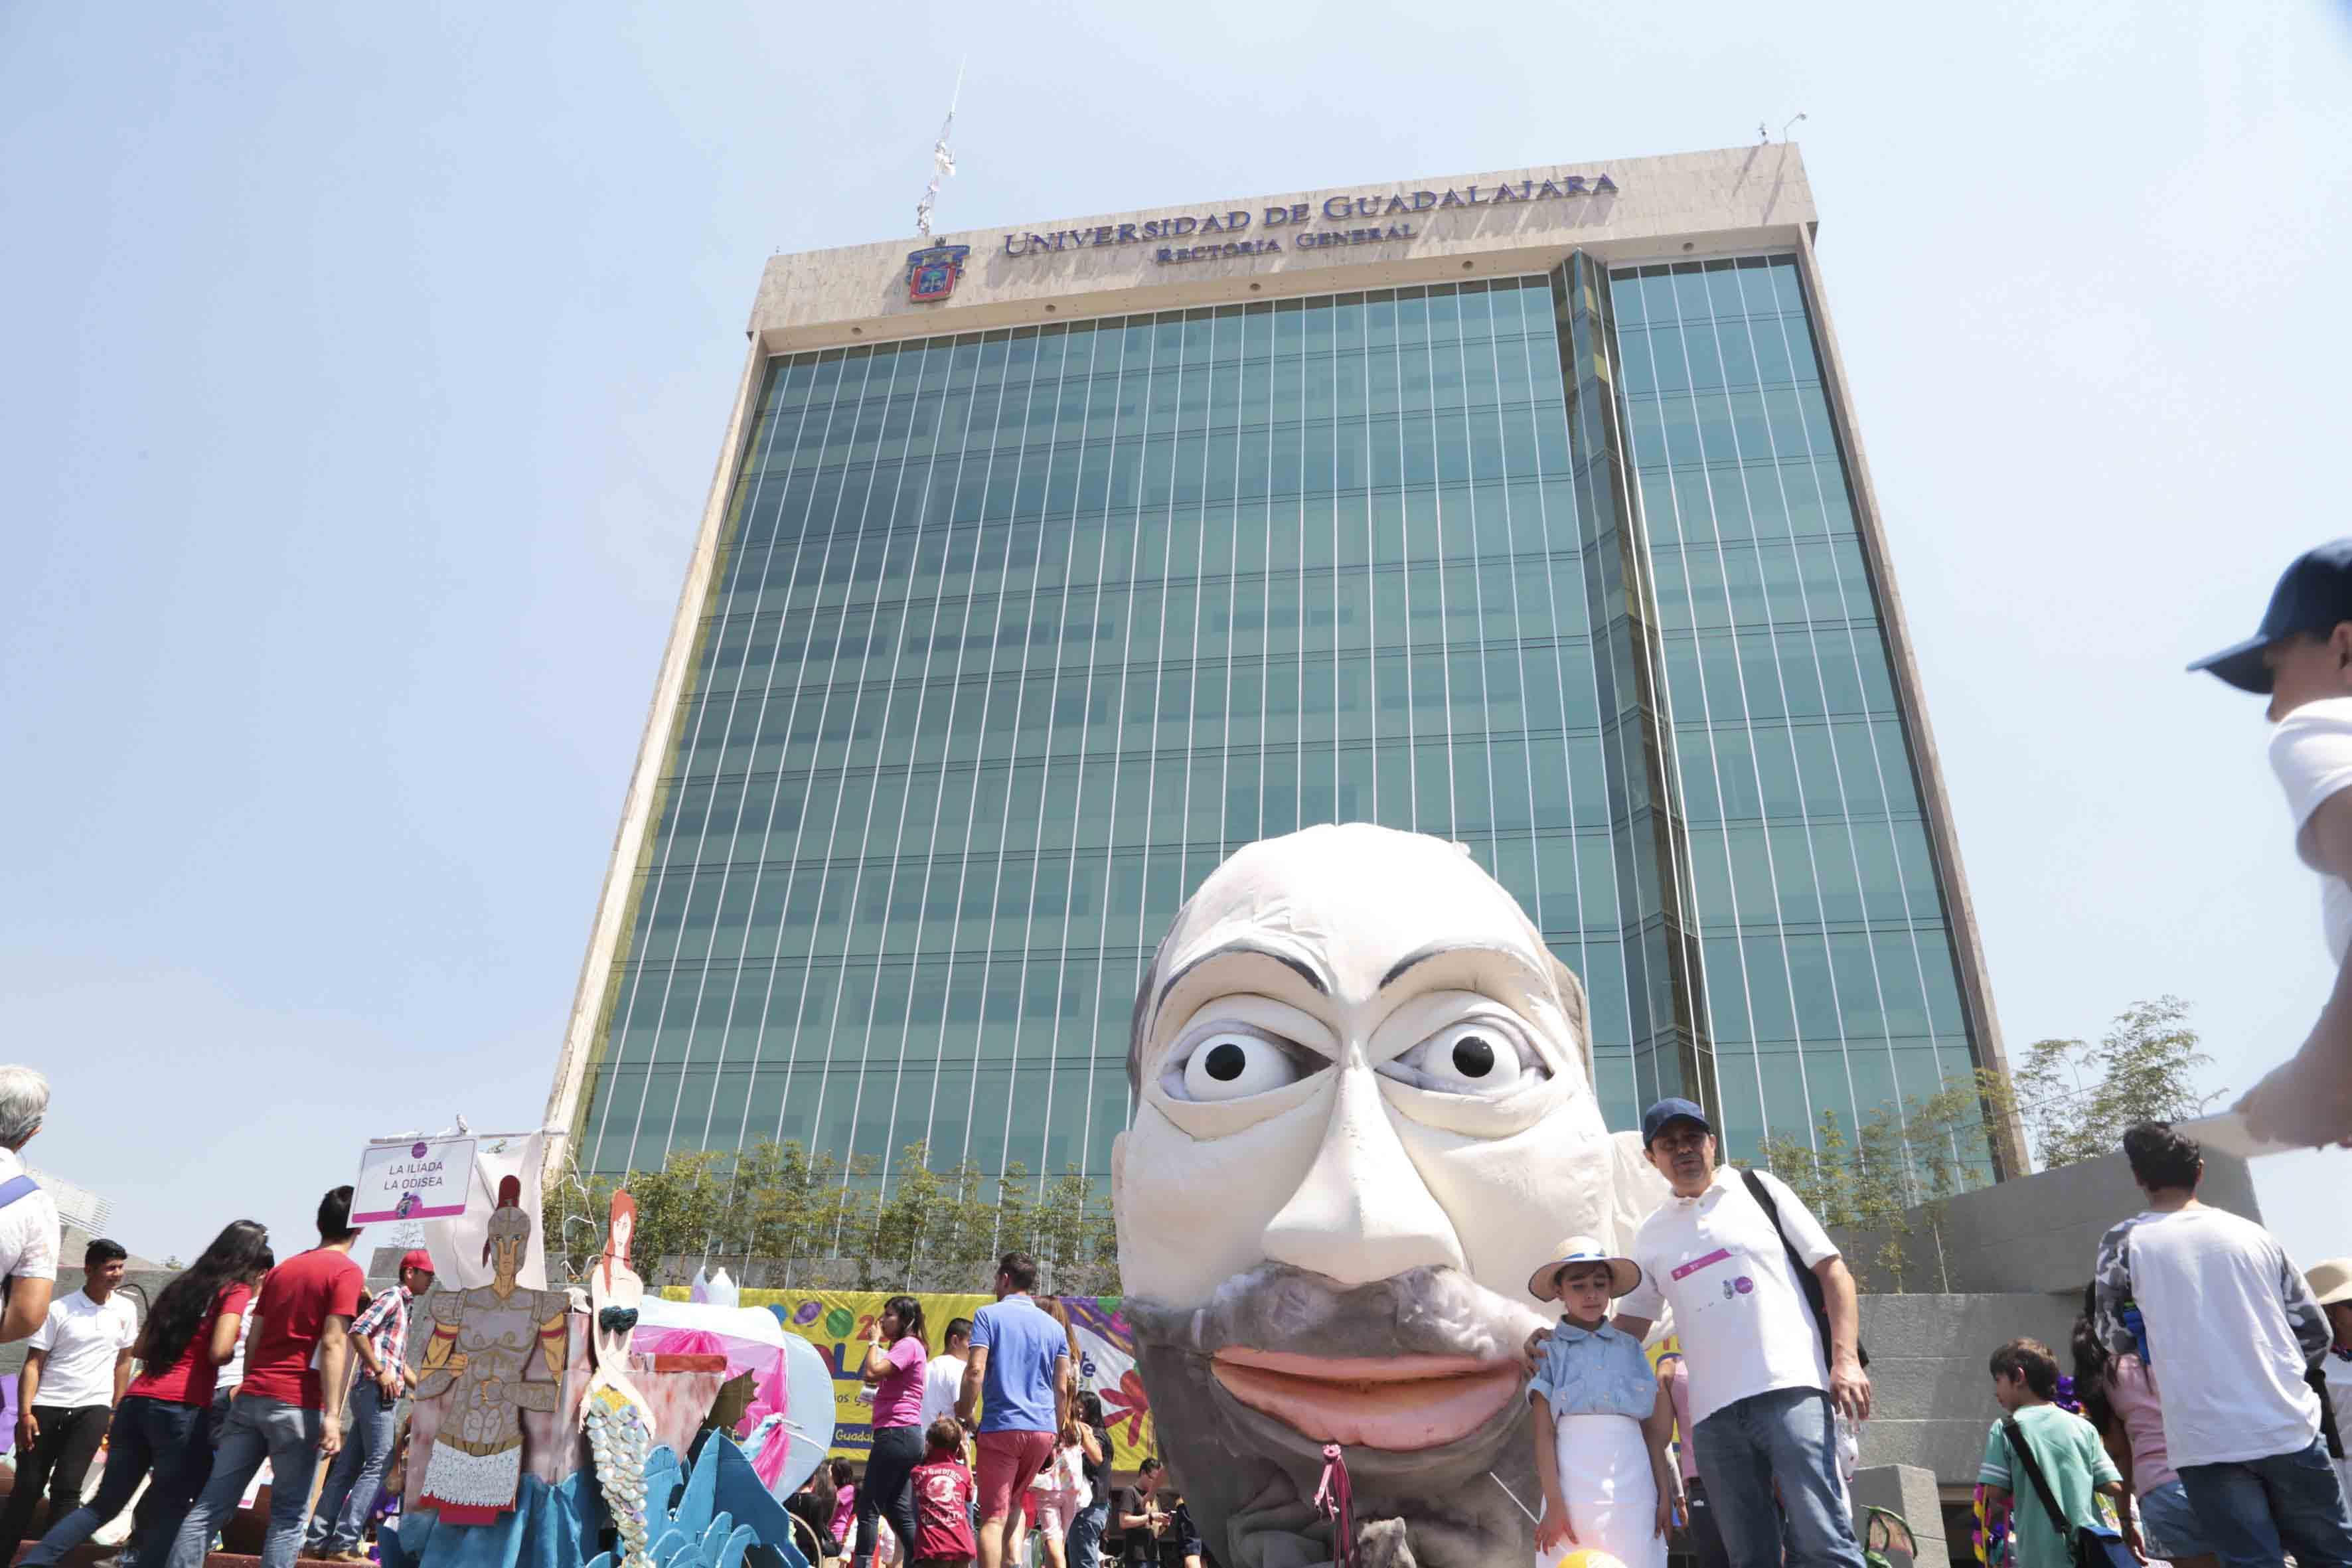 Público asistente al festival, disfrutando de las diferentes representaciones literarias, en la explanada del edificio de Rectoría General de la Universidad de Guadalajara.